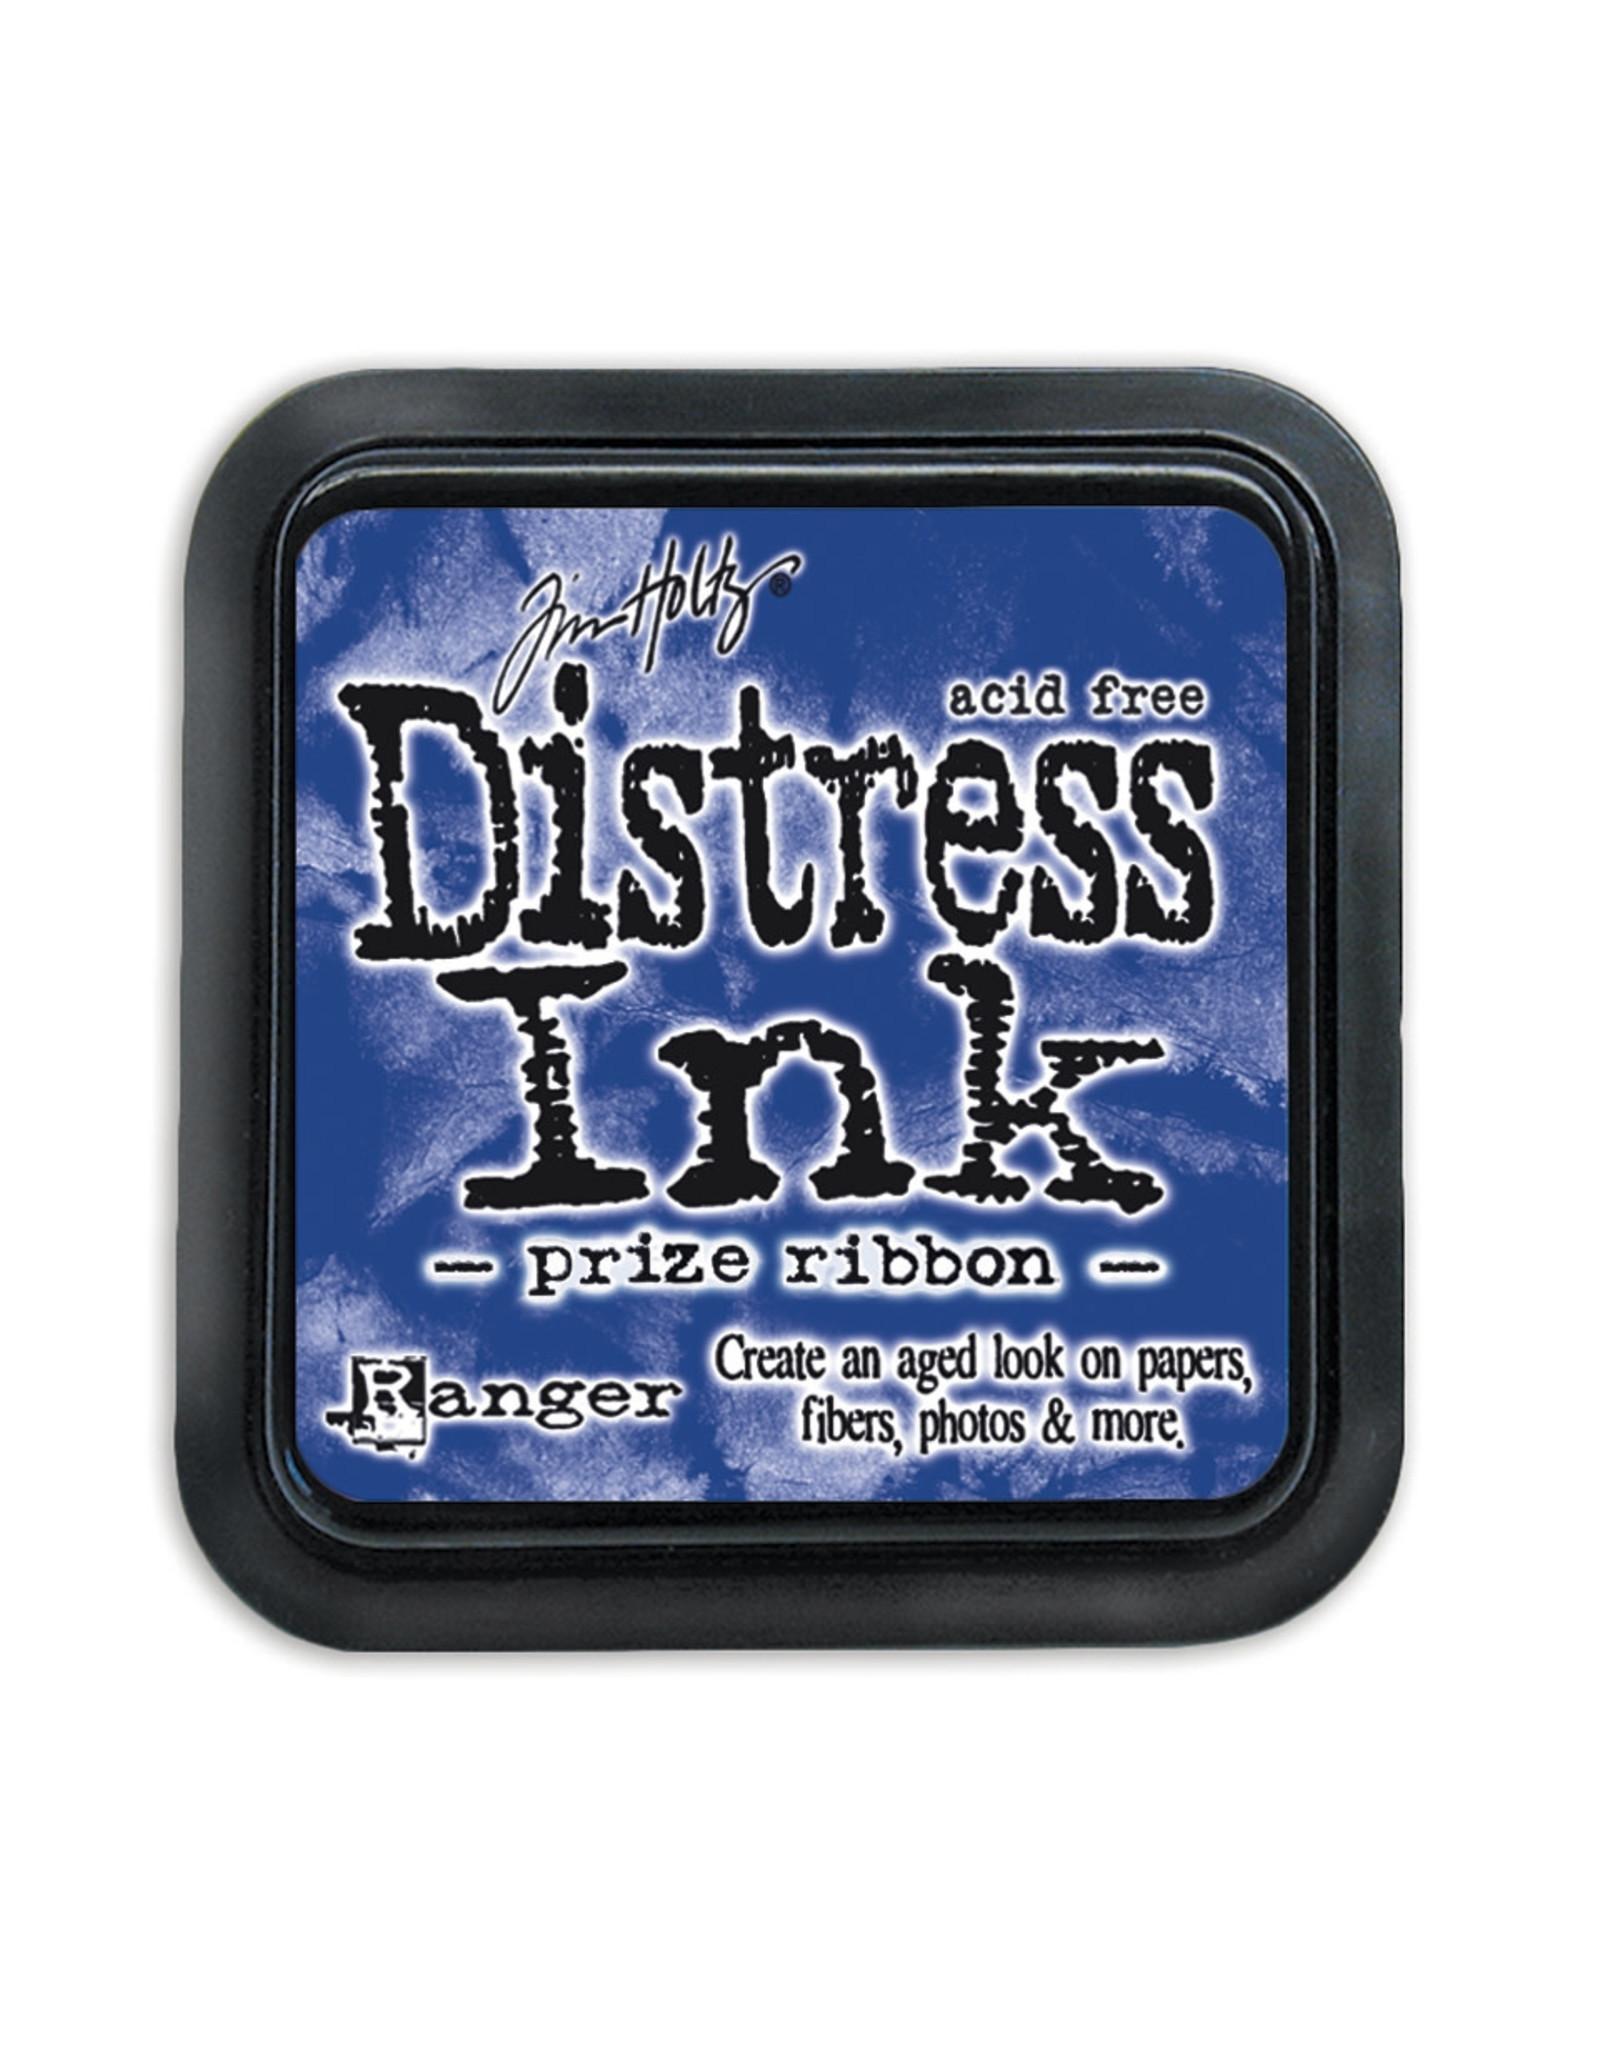 Tim Holtz Tim Holtz -Distress Ink Prize Ribbon